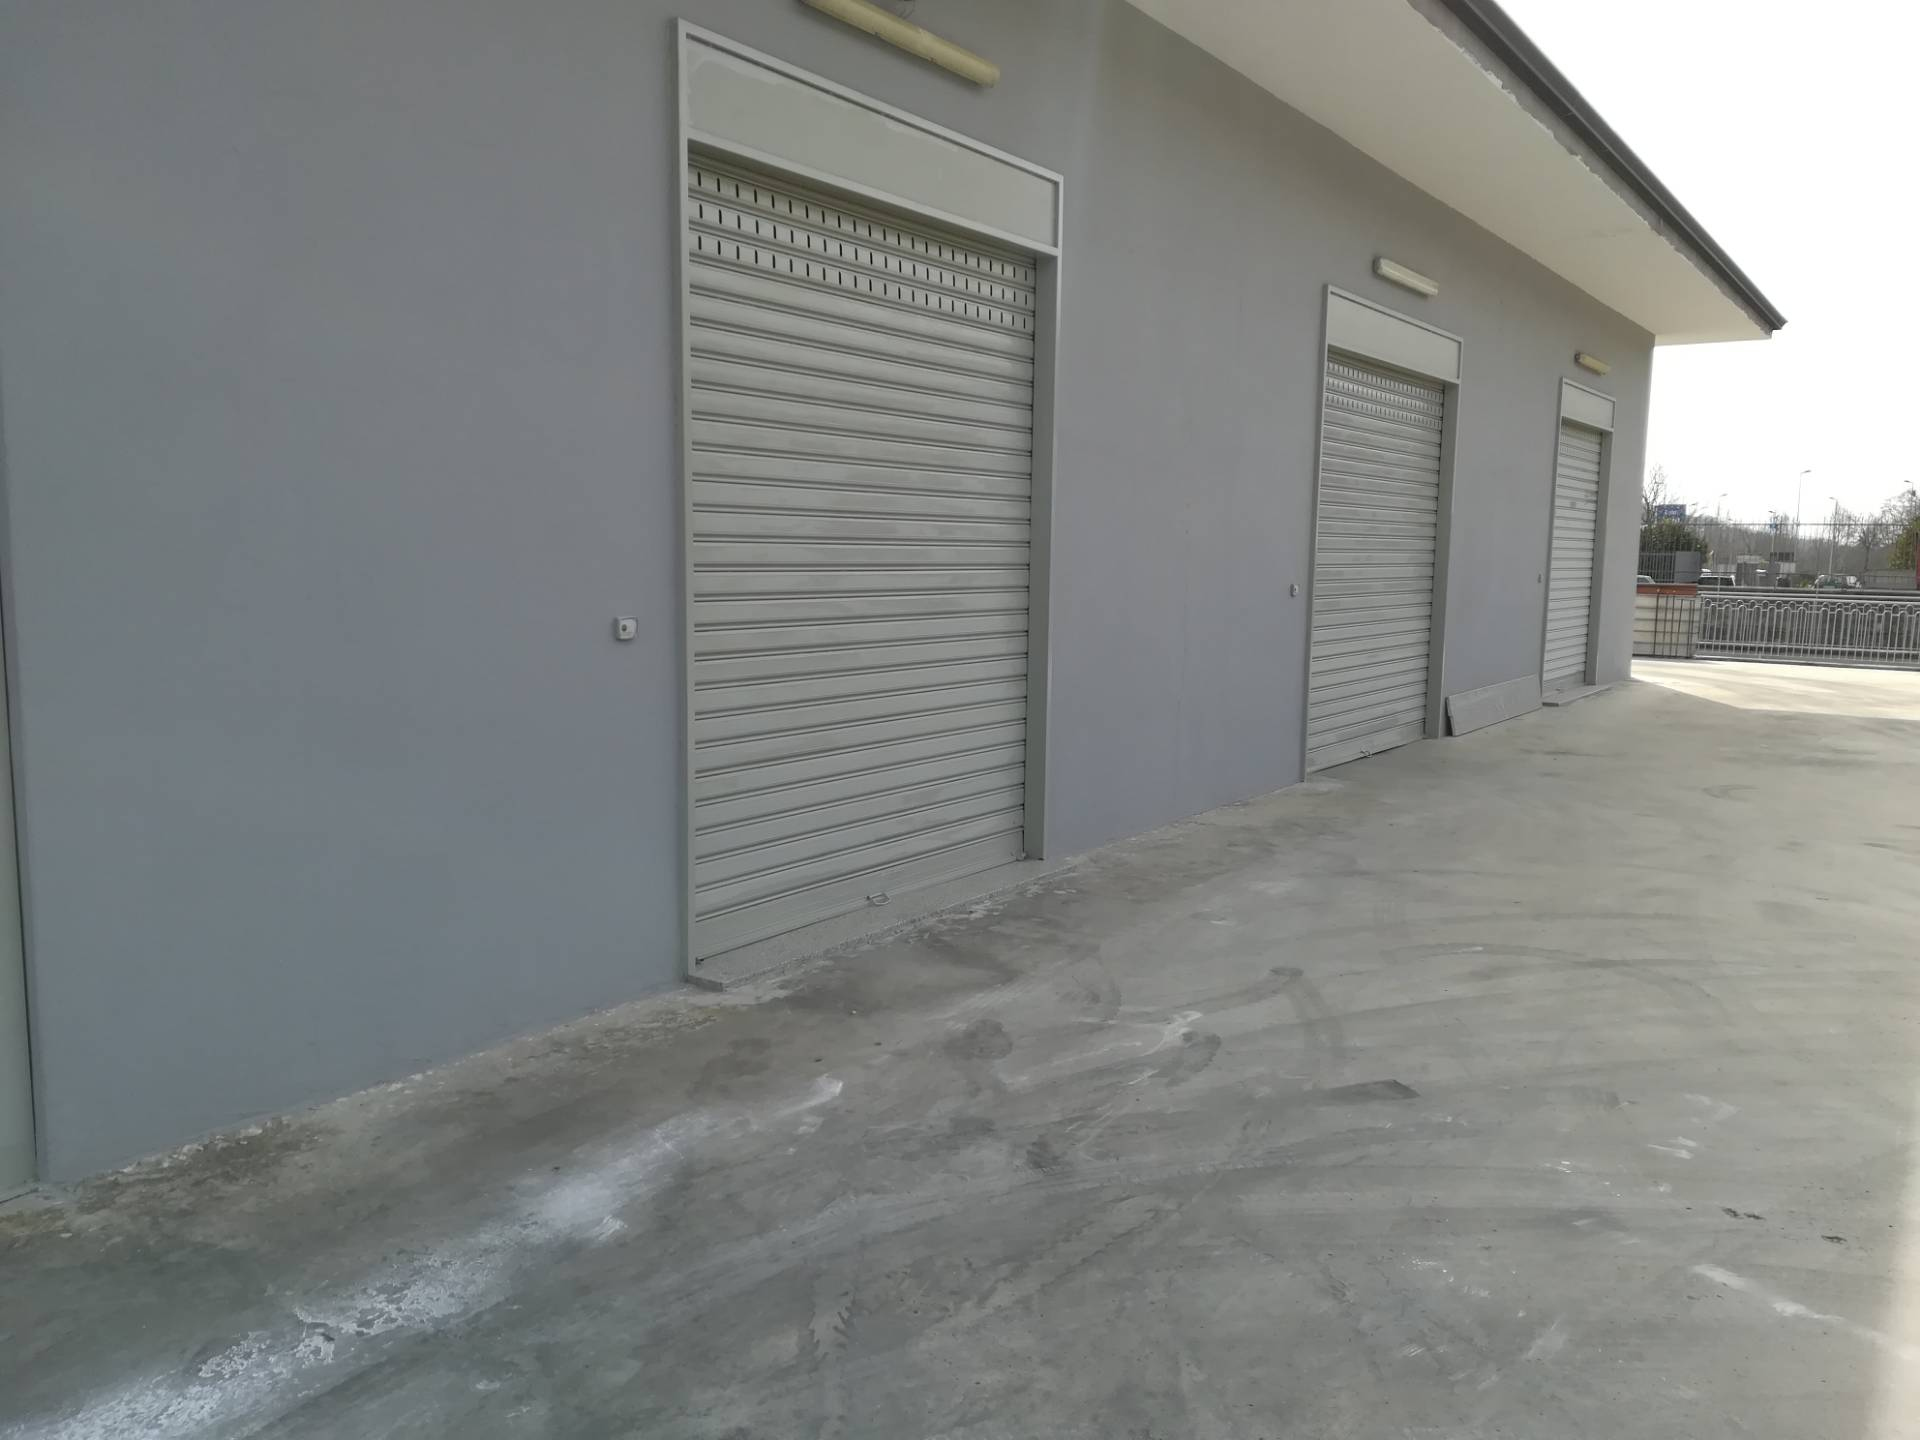 Negozio / Locale in affitto a Baronissi, 9999 locali, zona Località: centro, prezzo € 1.500   CambioCasa.it